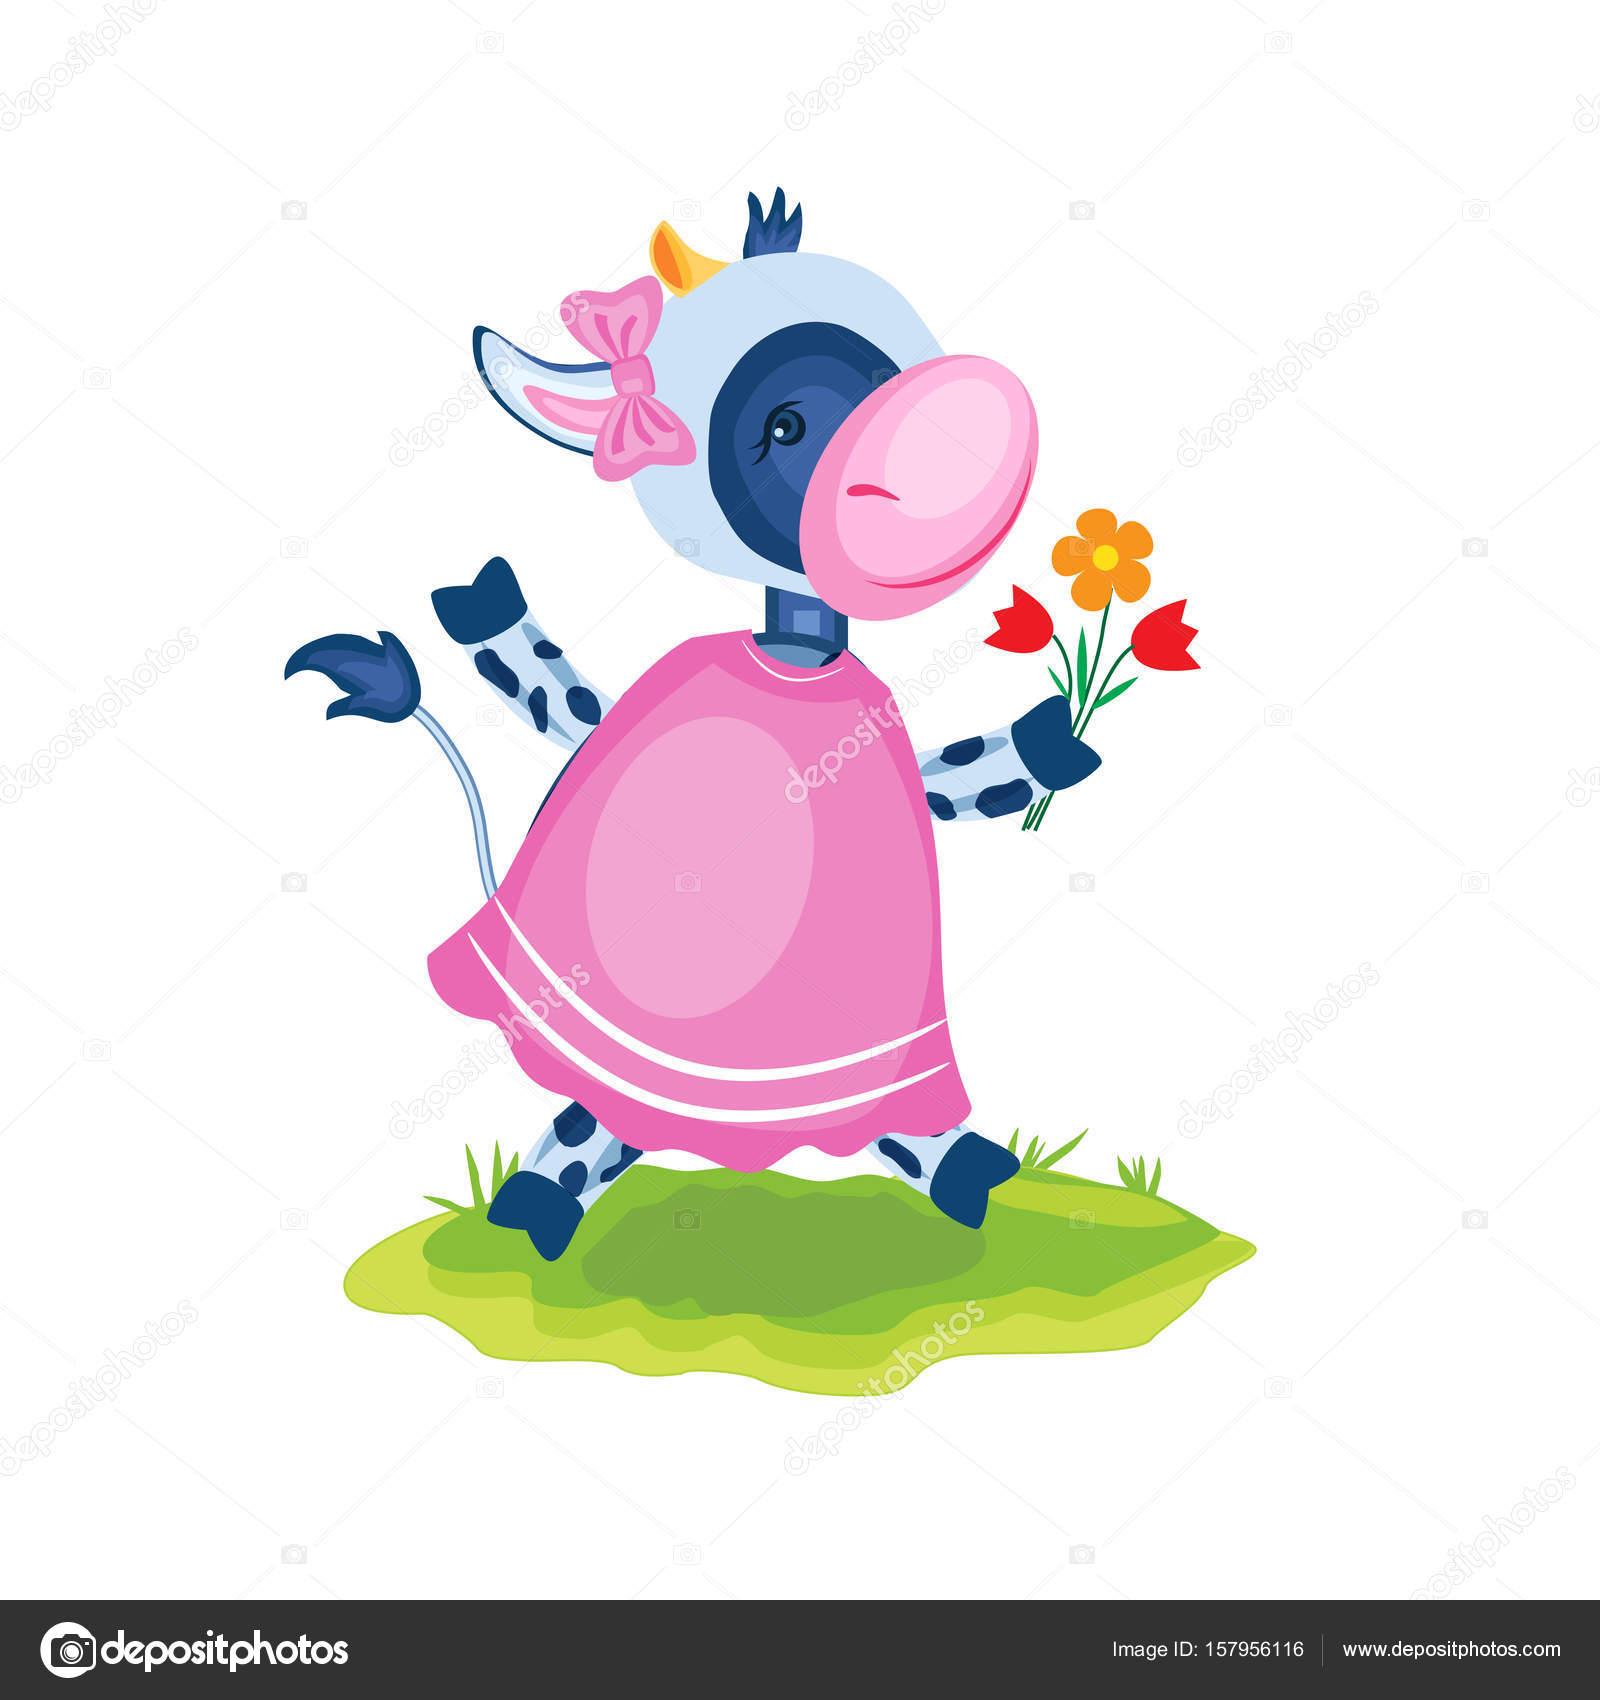 Dibujos animados becerro vector niños del granjero de animales ...